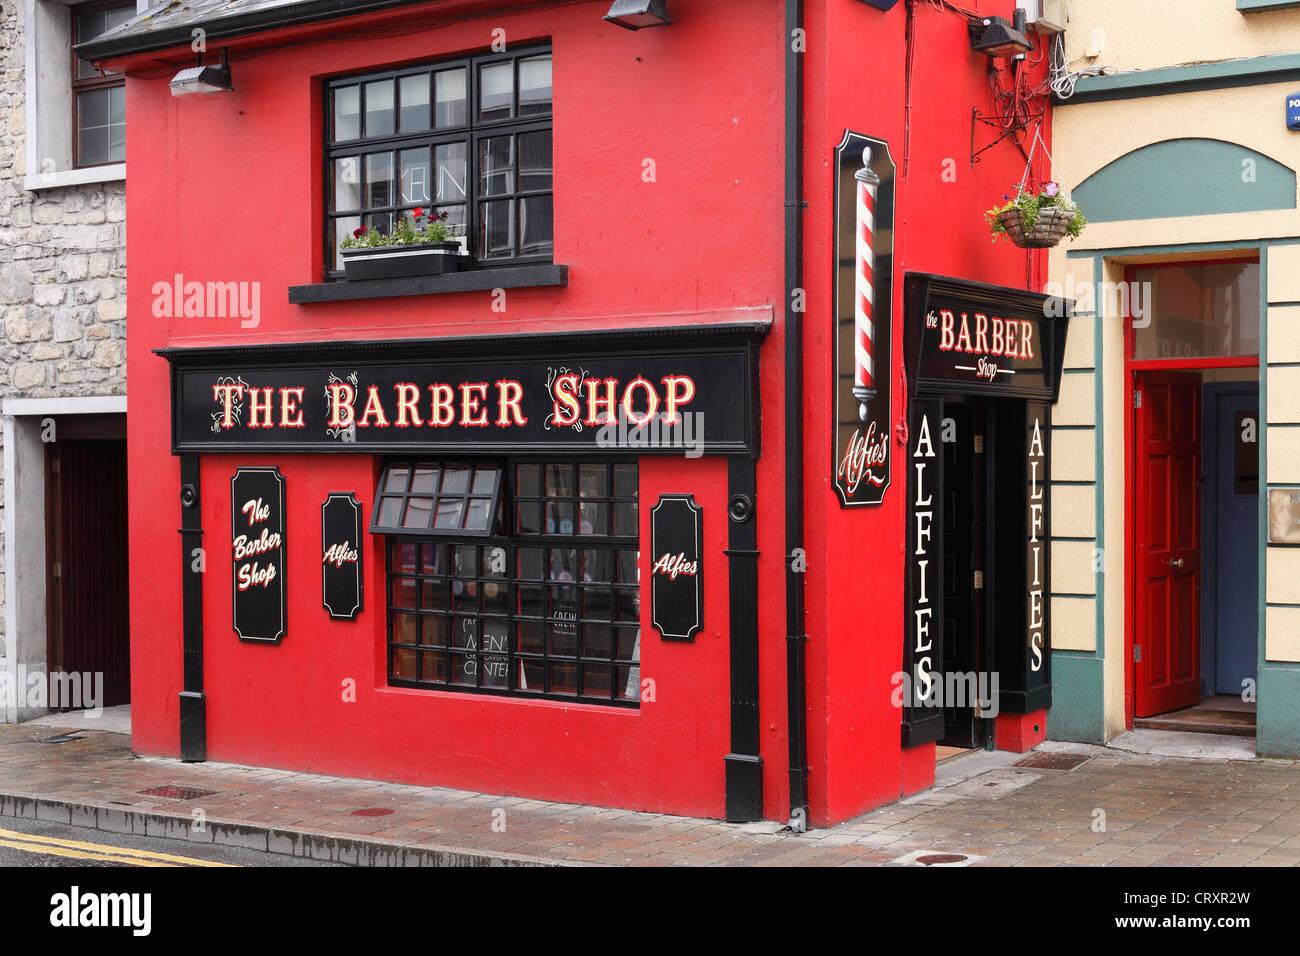 Ireland, Connacht, County Sligo, View of barber shop - Stock Image